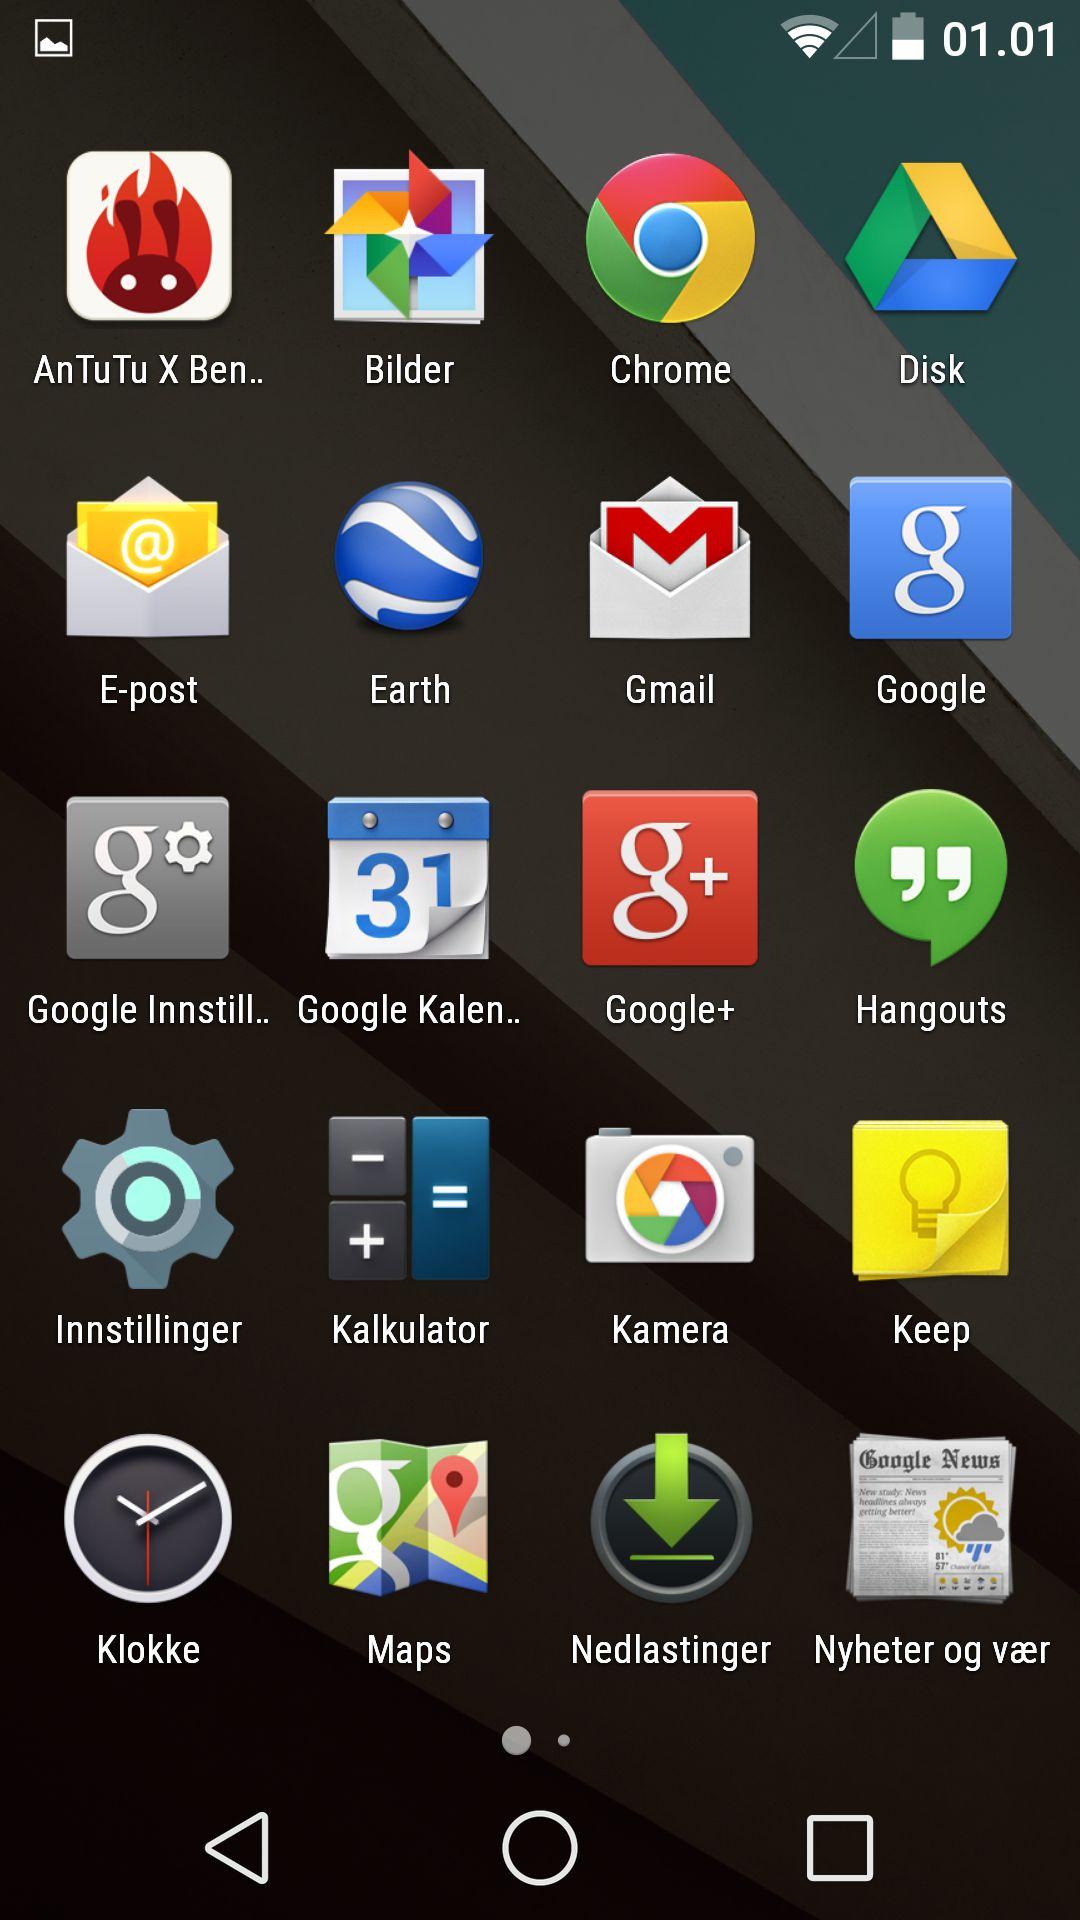 Selv om mange nye telefoner har skyhøy oppløsning, har antallet samtidige apper telefonen viser gått ned. Mer luft, rett og slett.